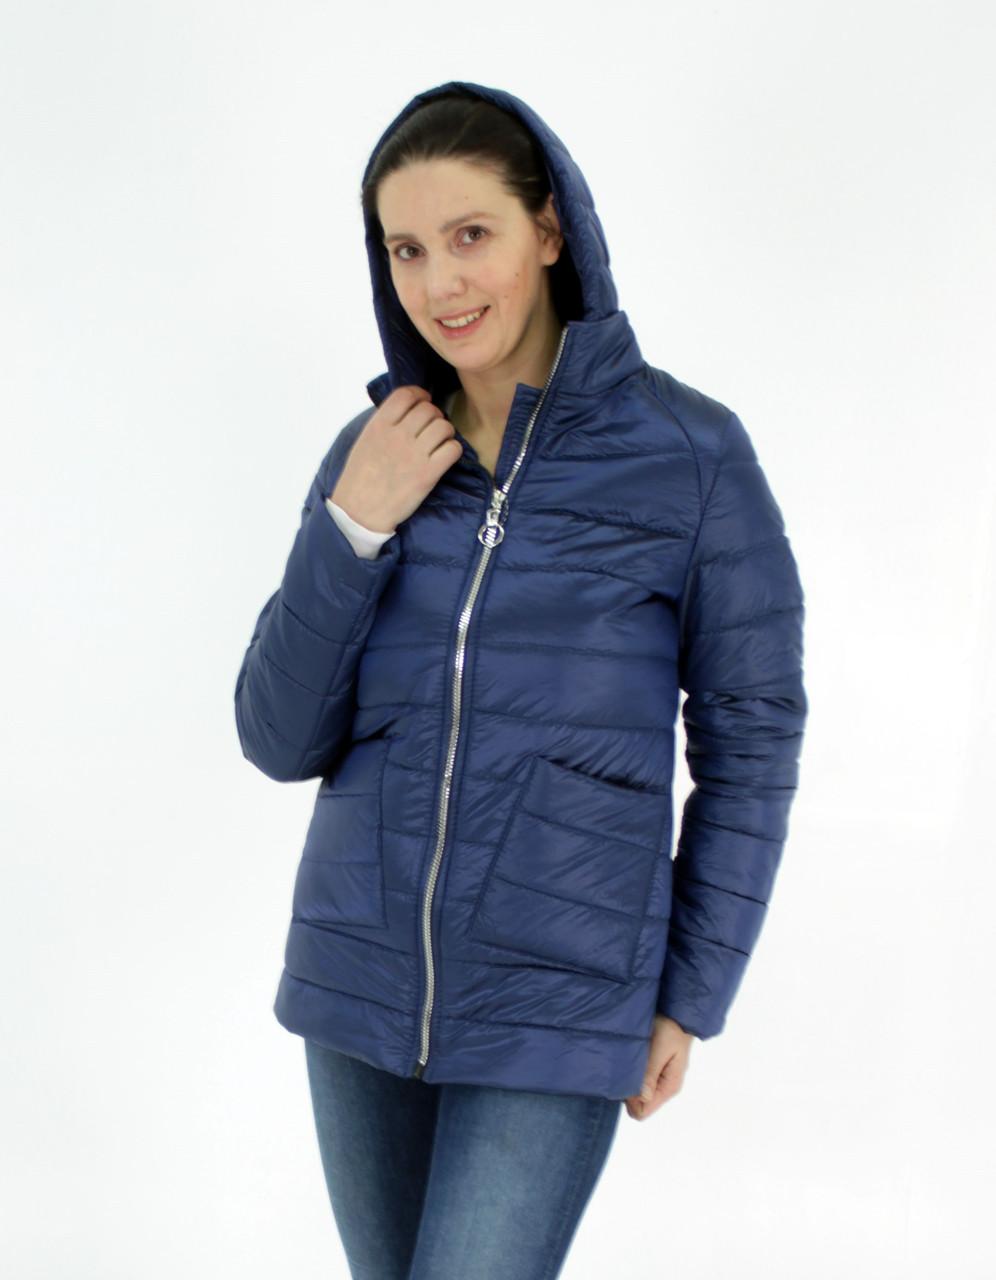 Легка жіноча демісезонна куртка з накладною кишенею, синя, розміри 48 - 54